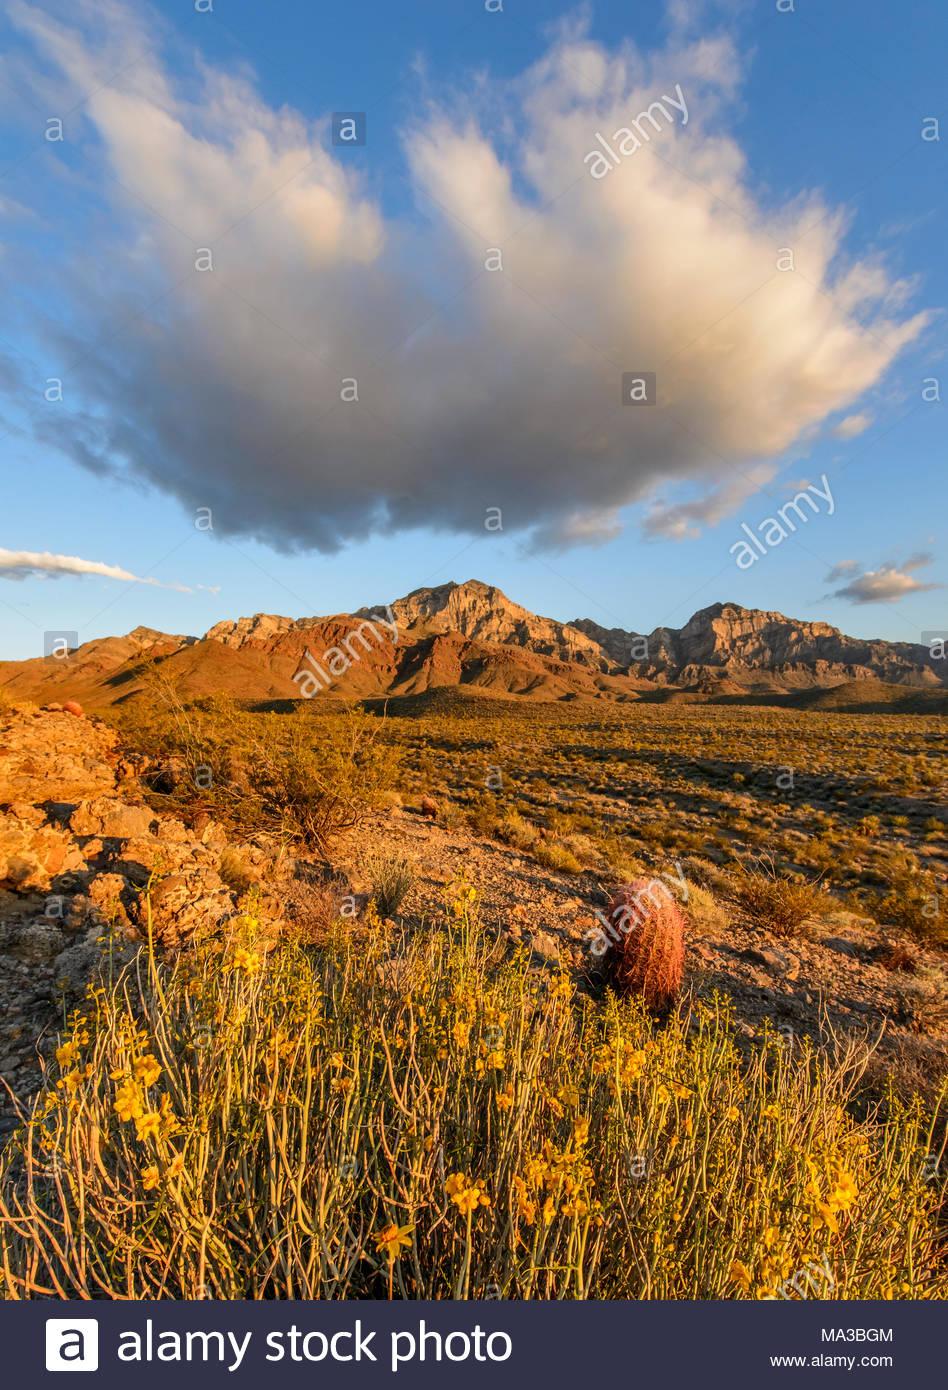 Wolkenbildung, Menodora und Barrel Cactus bei Sonnenuntergang, Mojave National Preserve, Kalifornien Stockbild